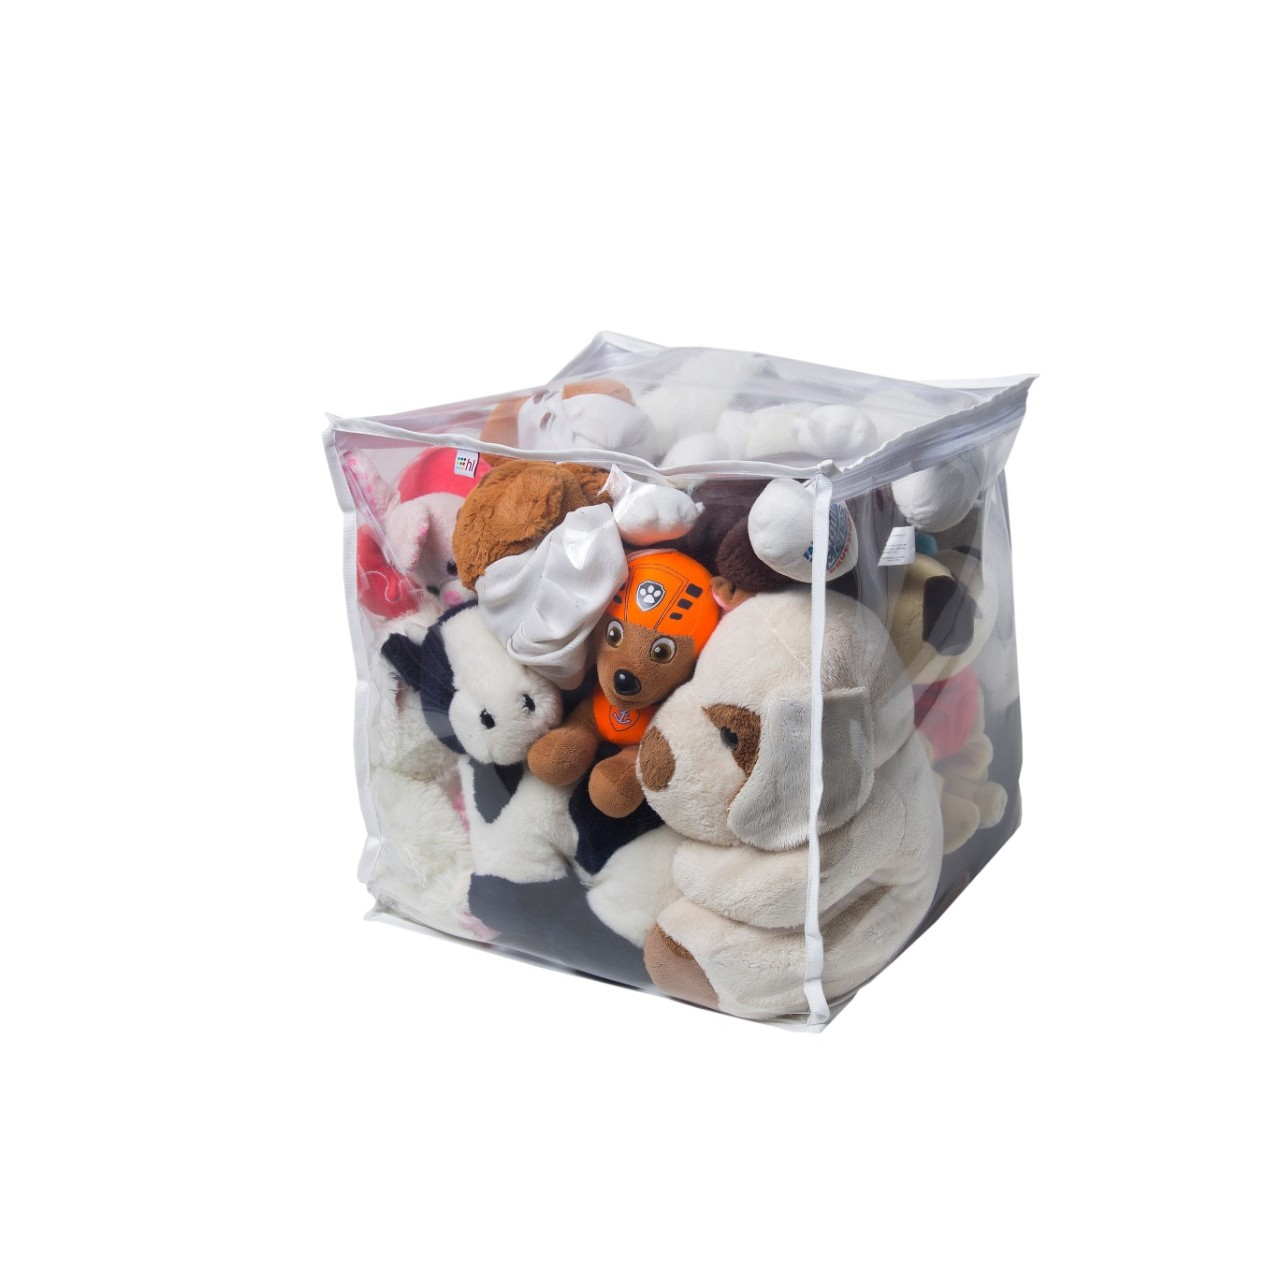 Caixa Organizadora de Plastico e Vies Transparente - HL